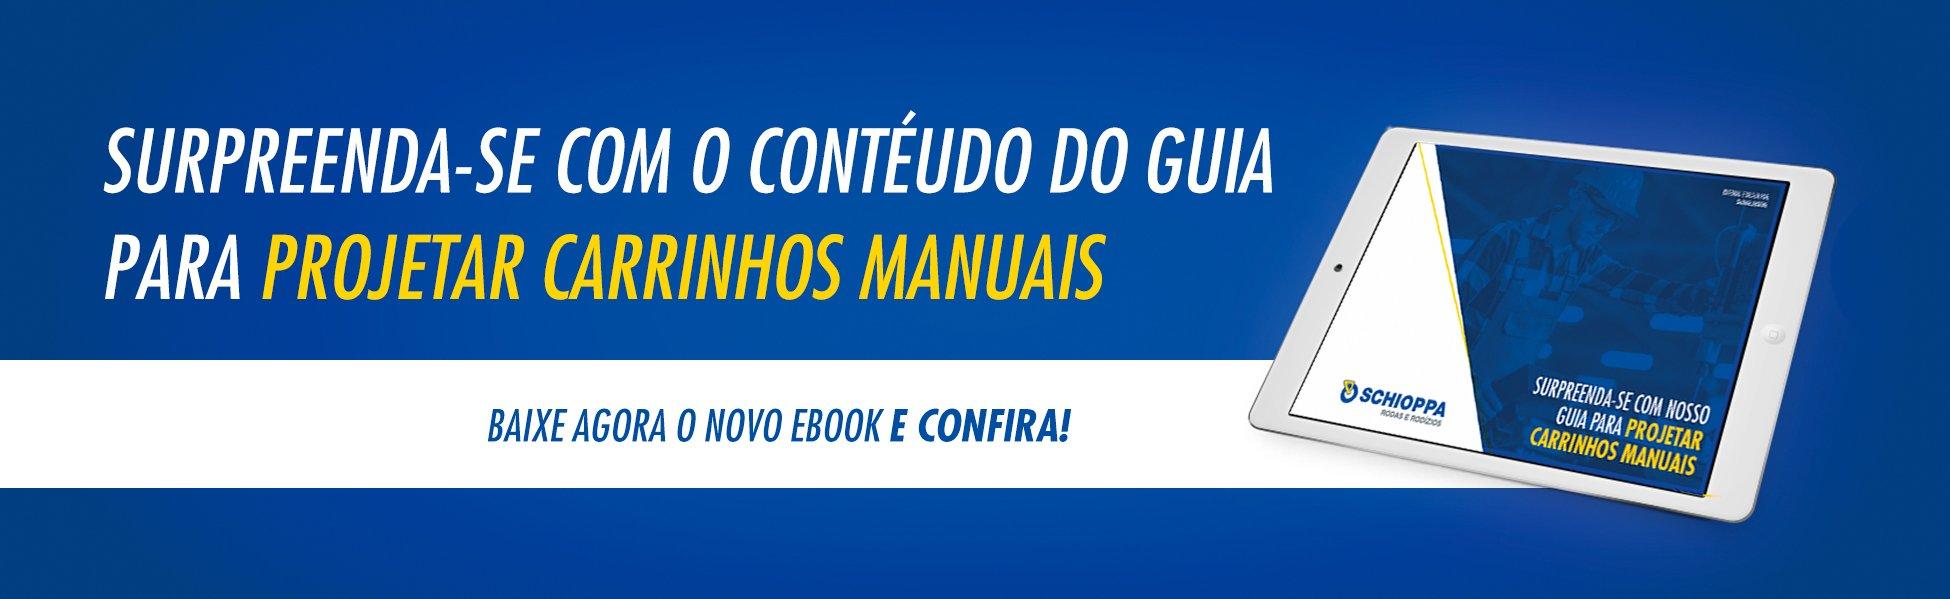 banner ebook carrinhos manuais